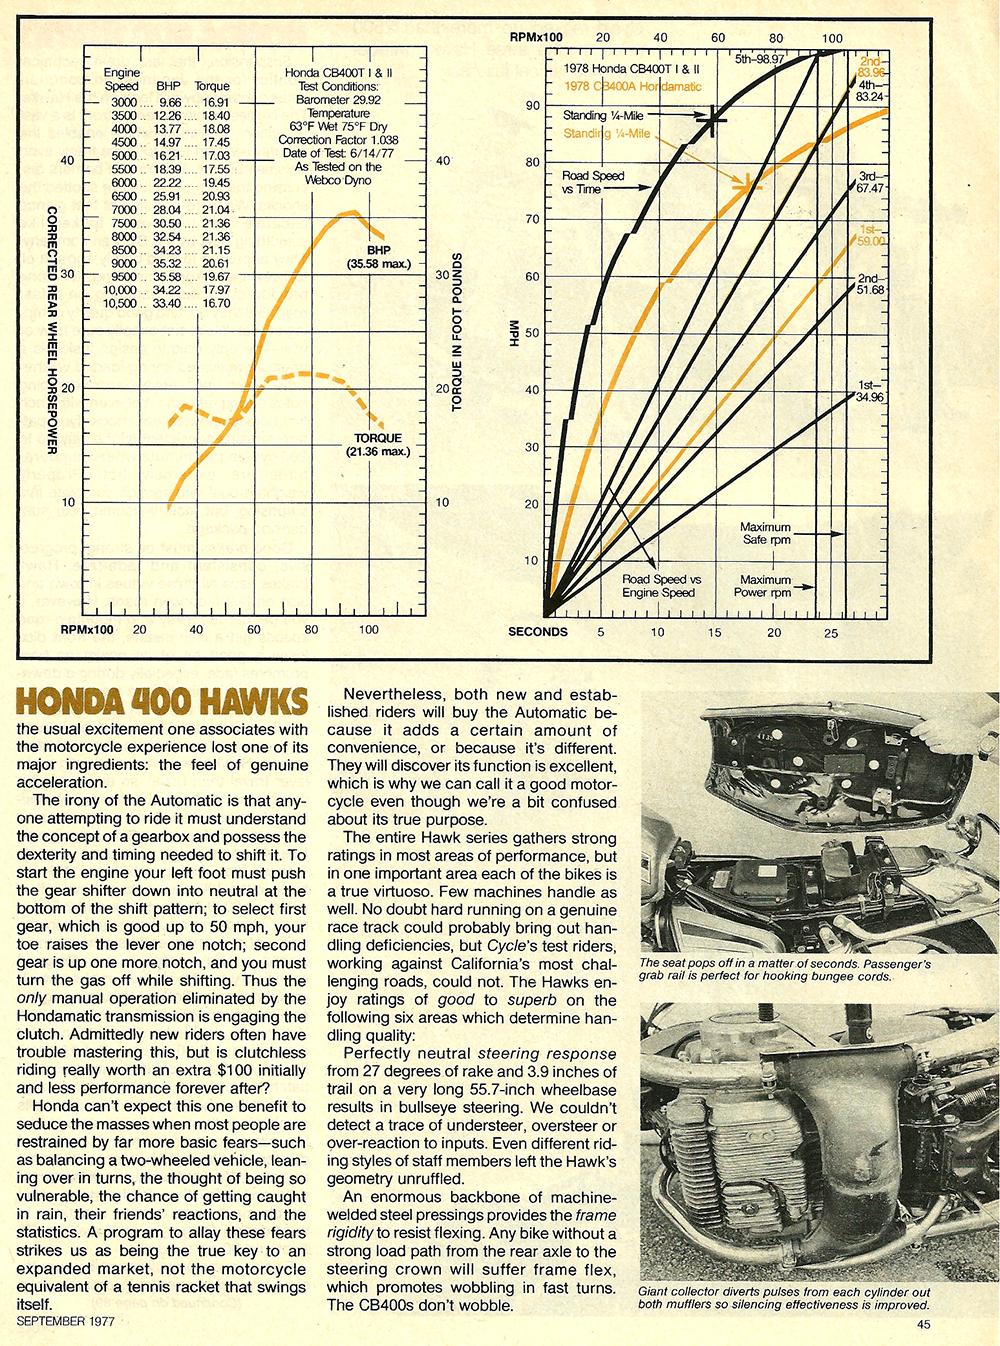 1977 Honda 400 Hawk road test 08.jpg